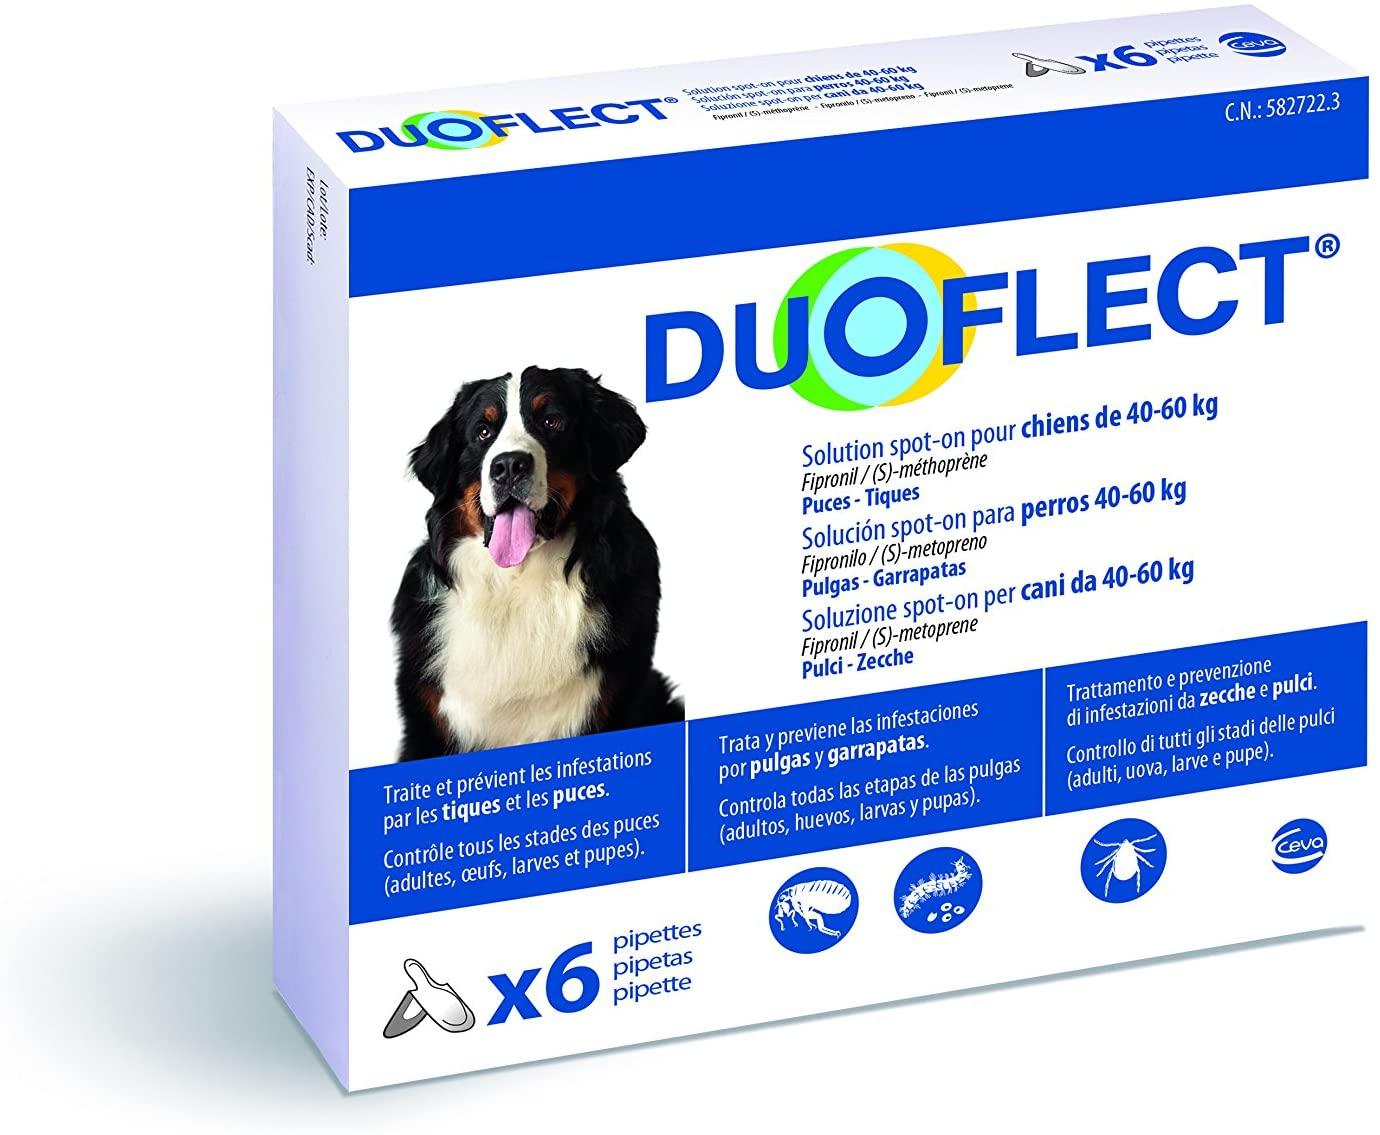 Duoflect - 6 Pipettes Antiparasitaire pour chien de 40 à 60Kg noszanimos